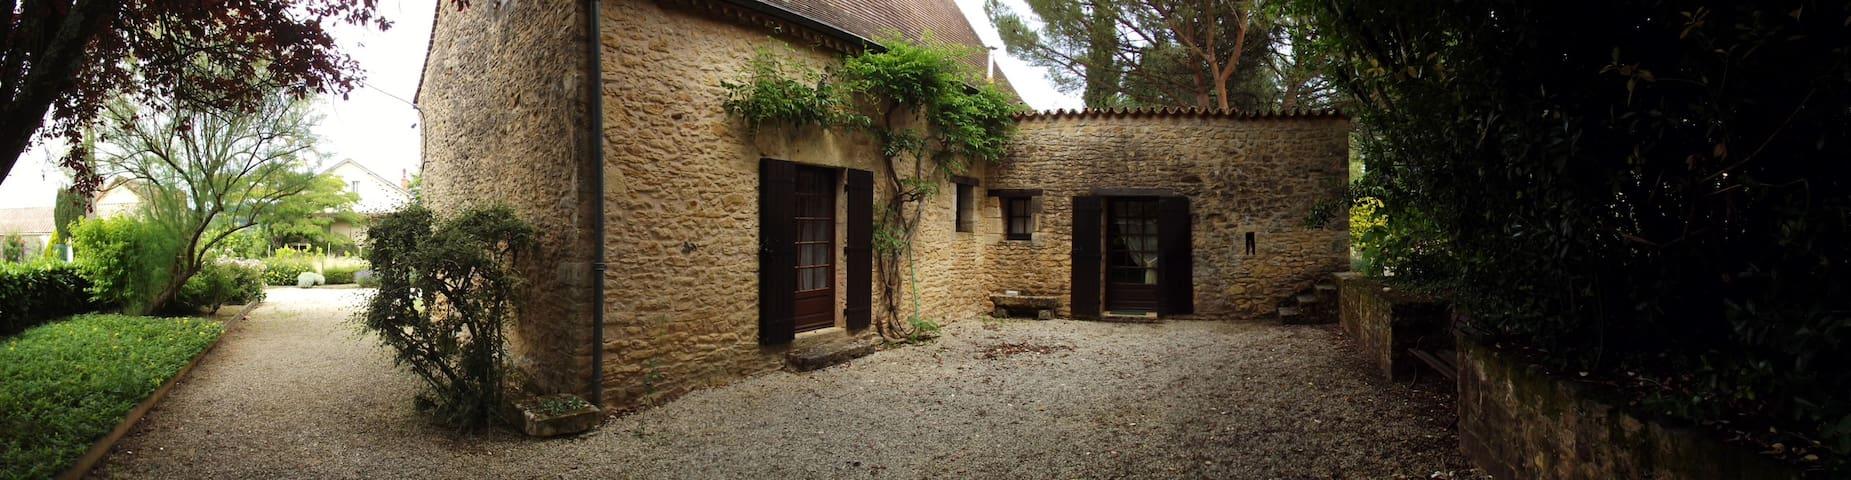 Maison périgourdine - Le Buisson-de-Cadouin - Casa